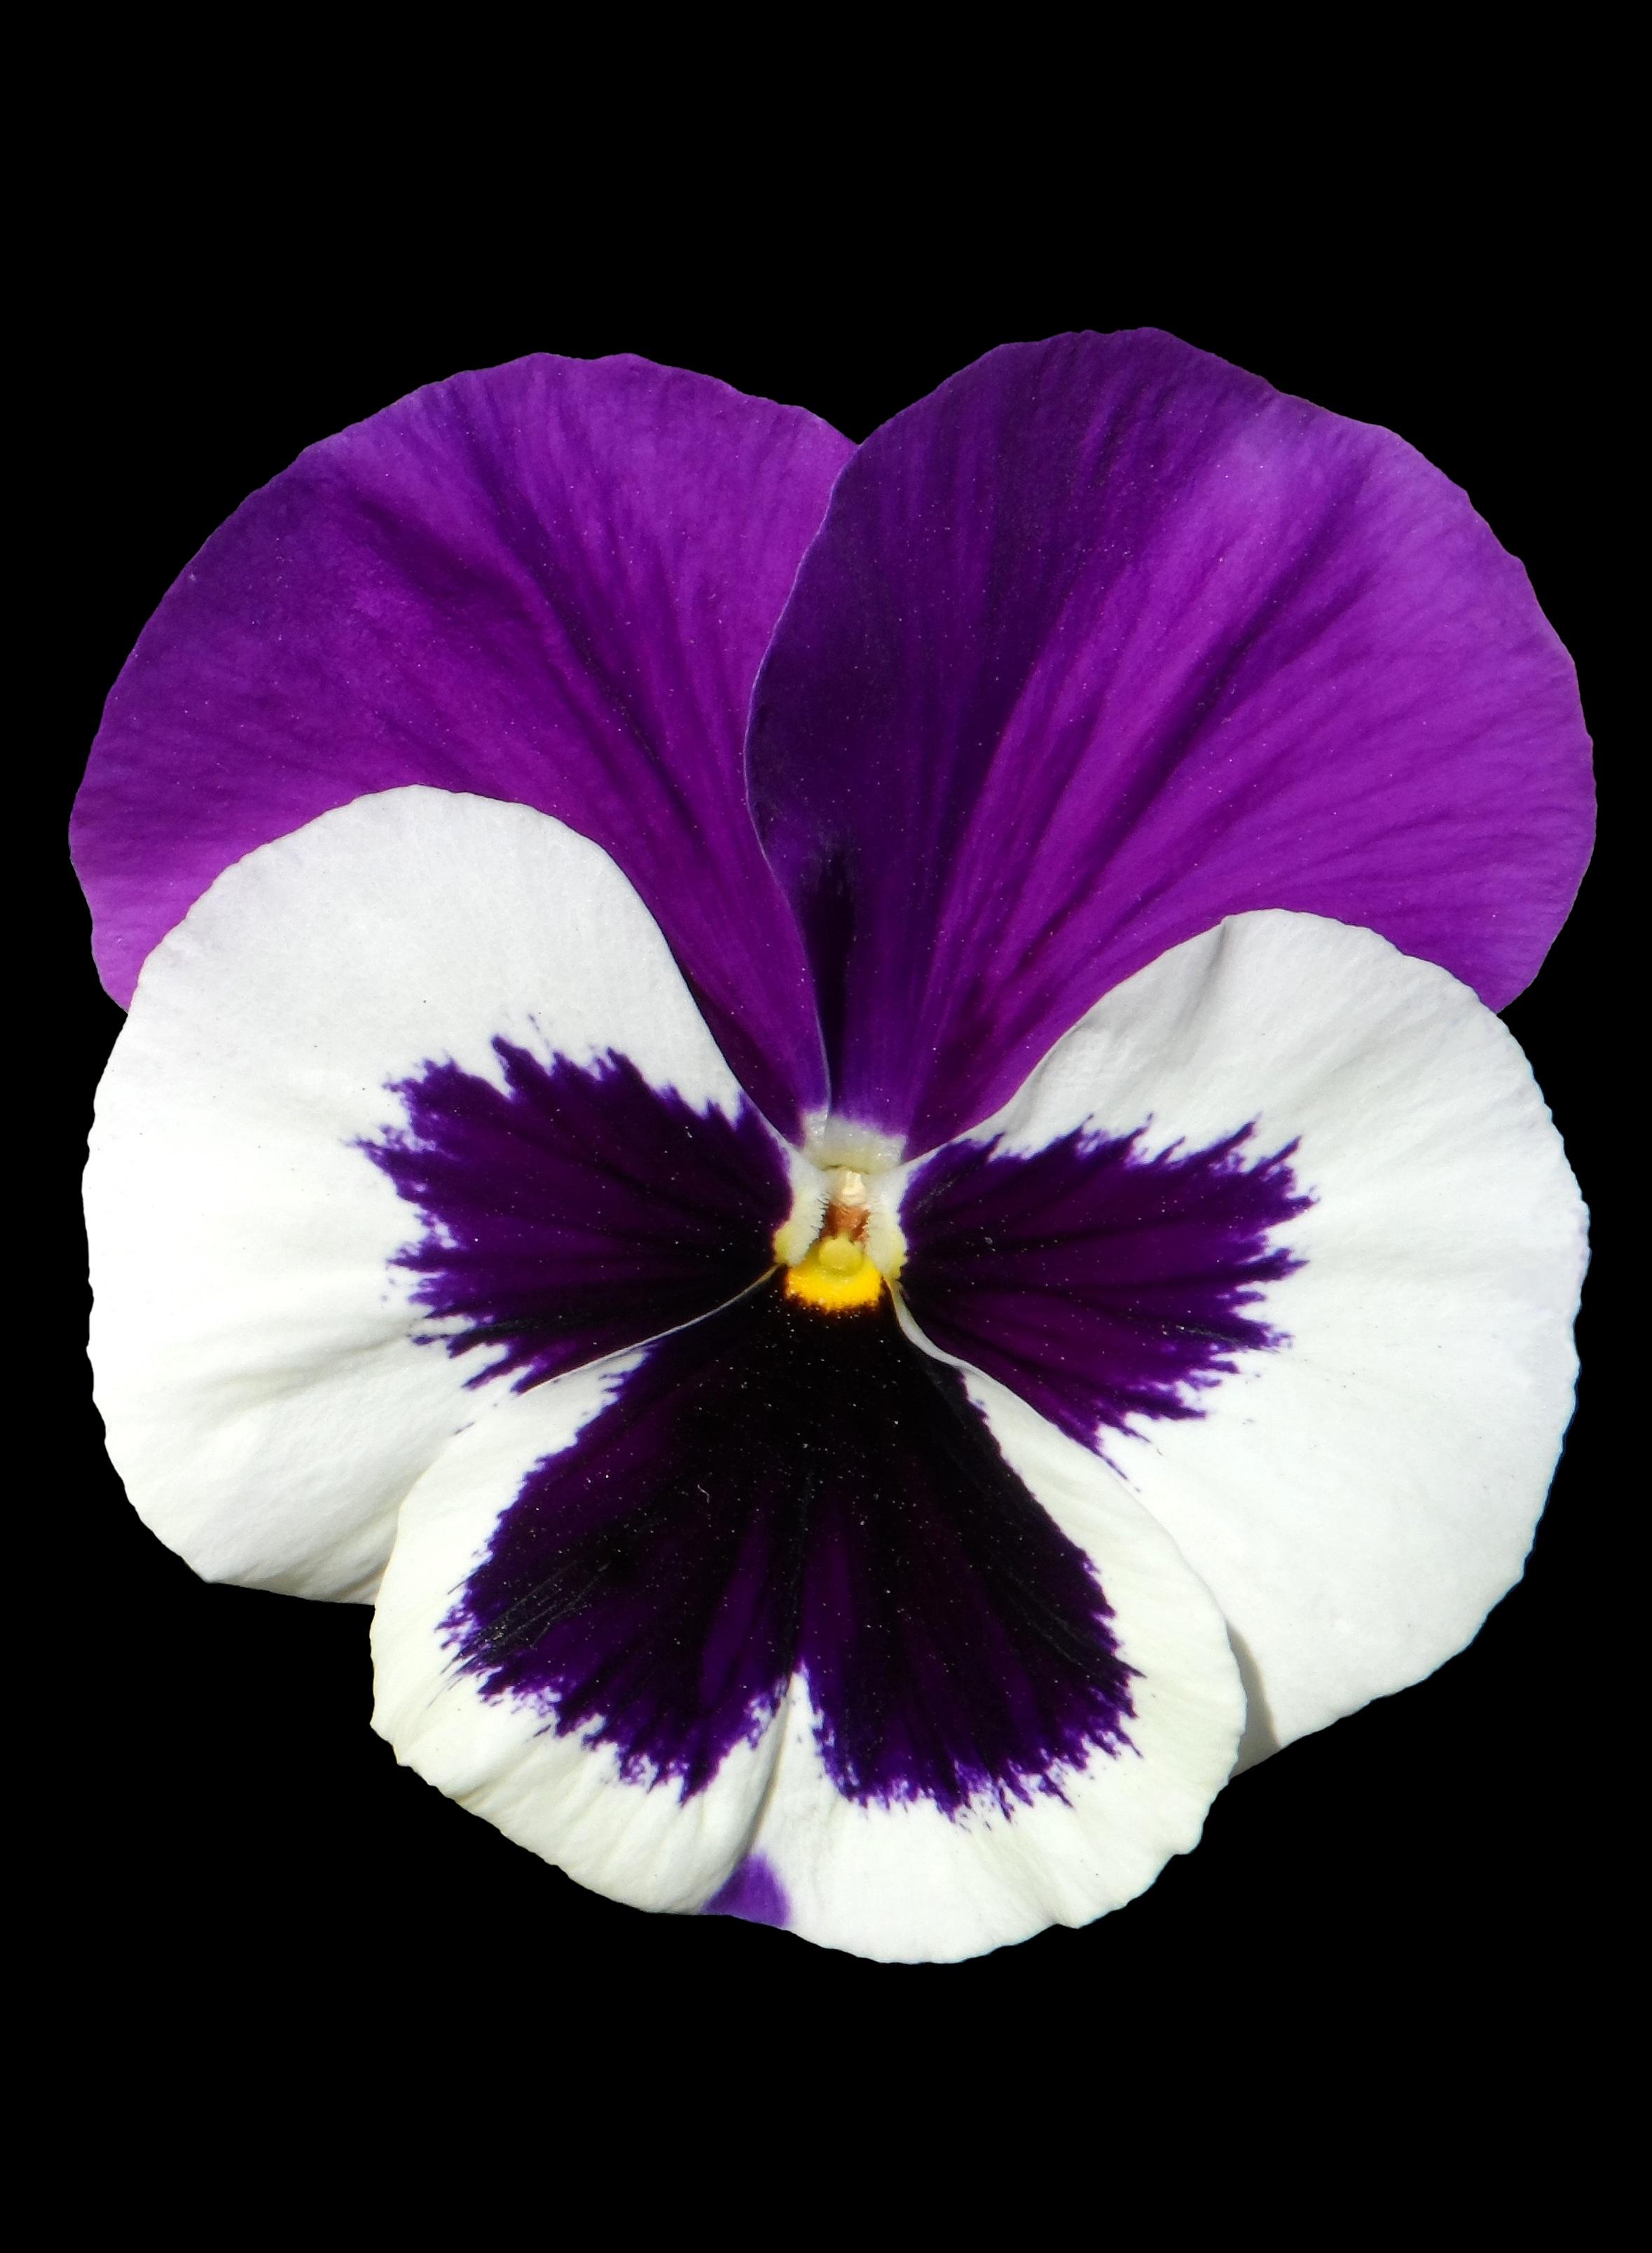 Fotoğraf Doğa ışık Mor Taçyaprağı çiçek Açmak Yalıtılmış